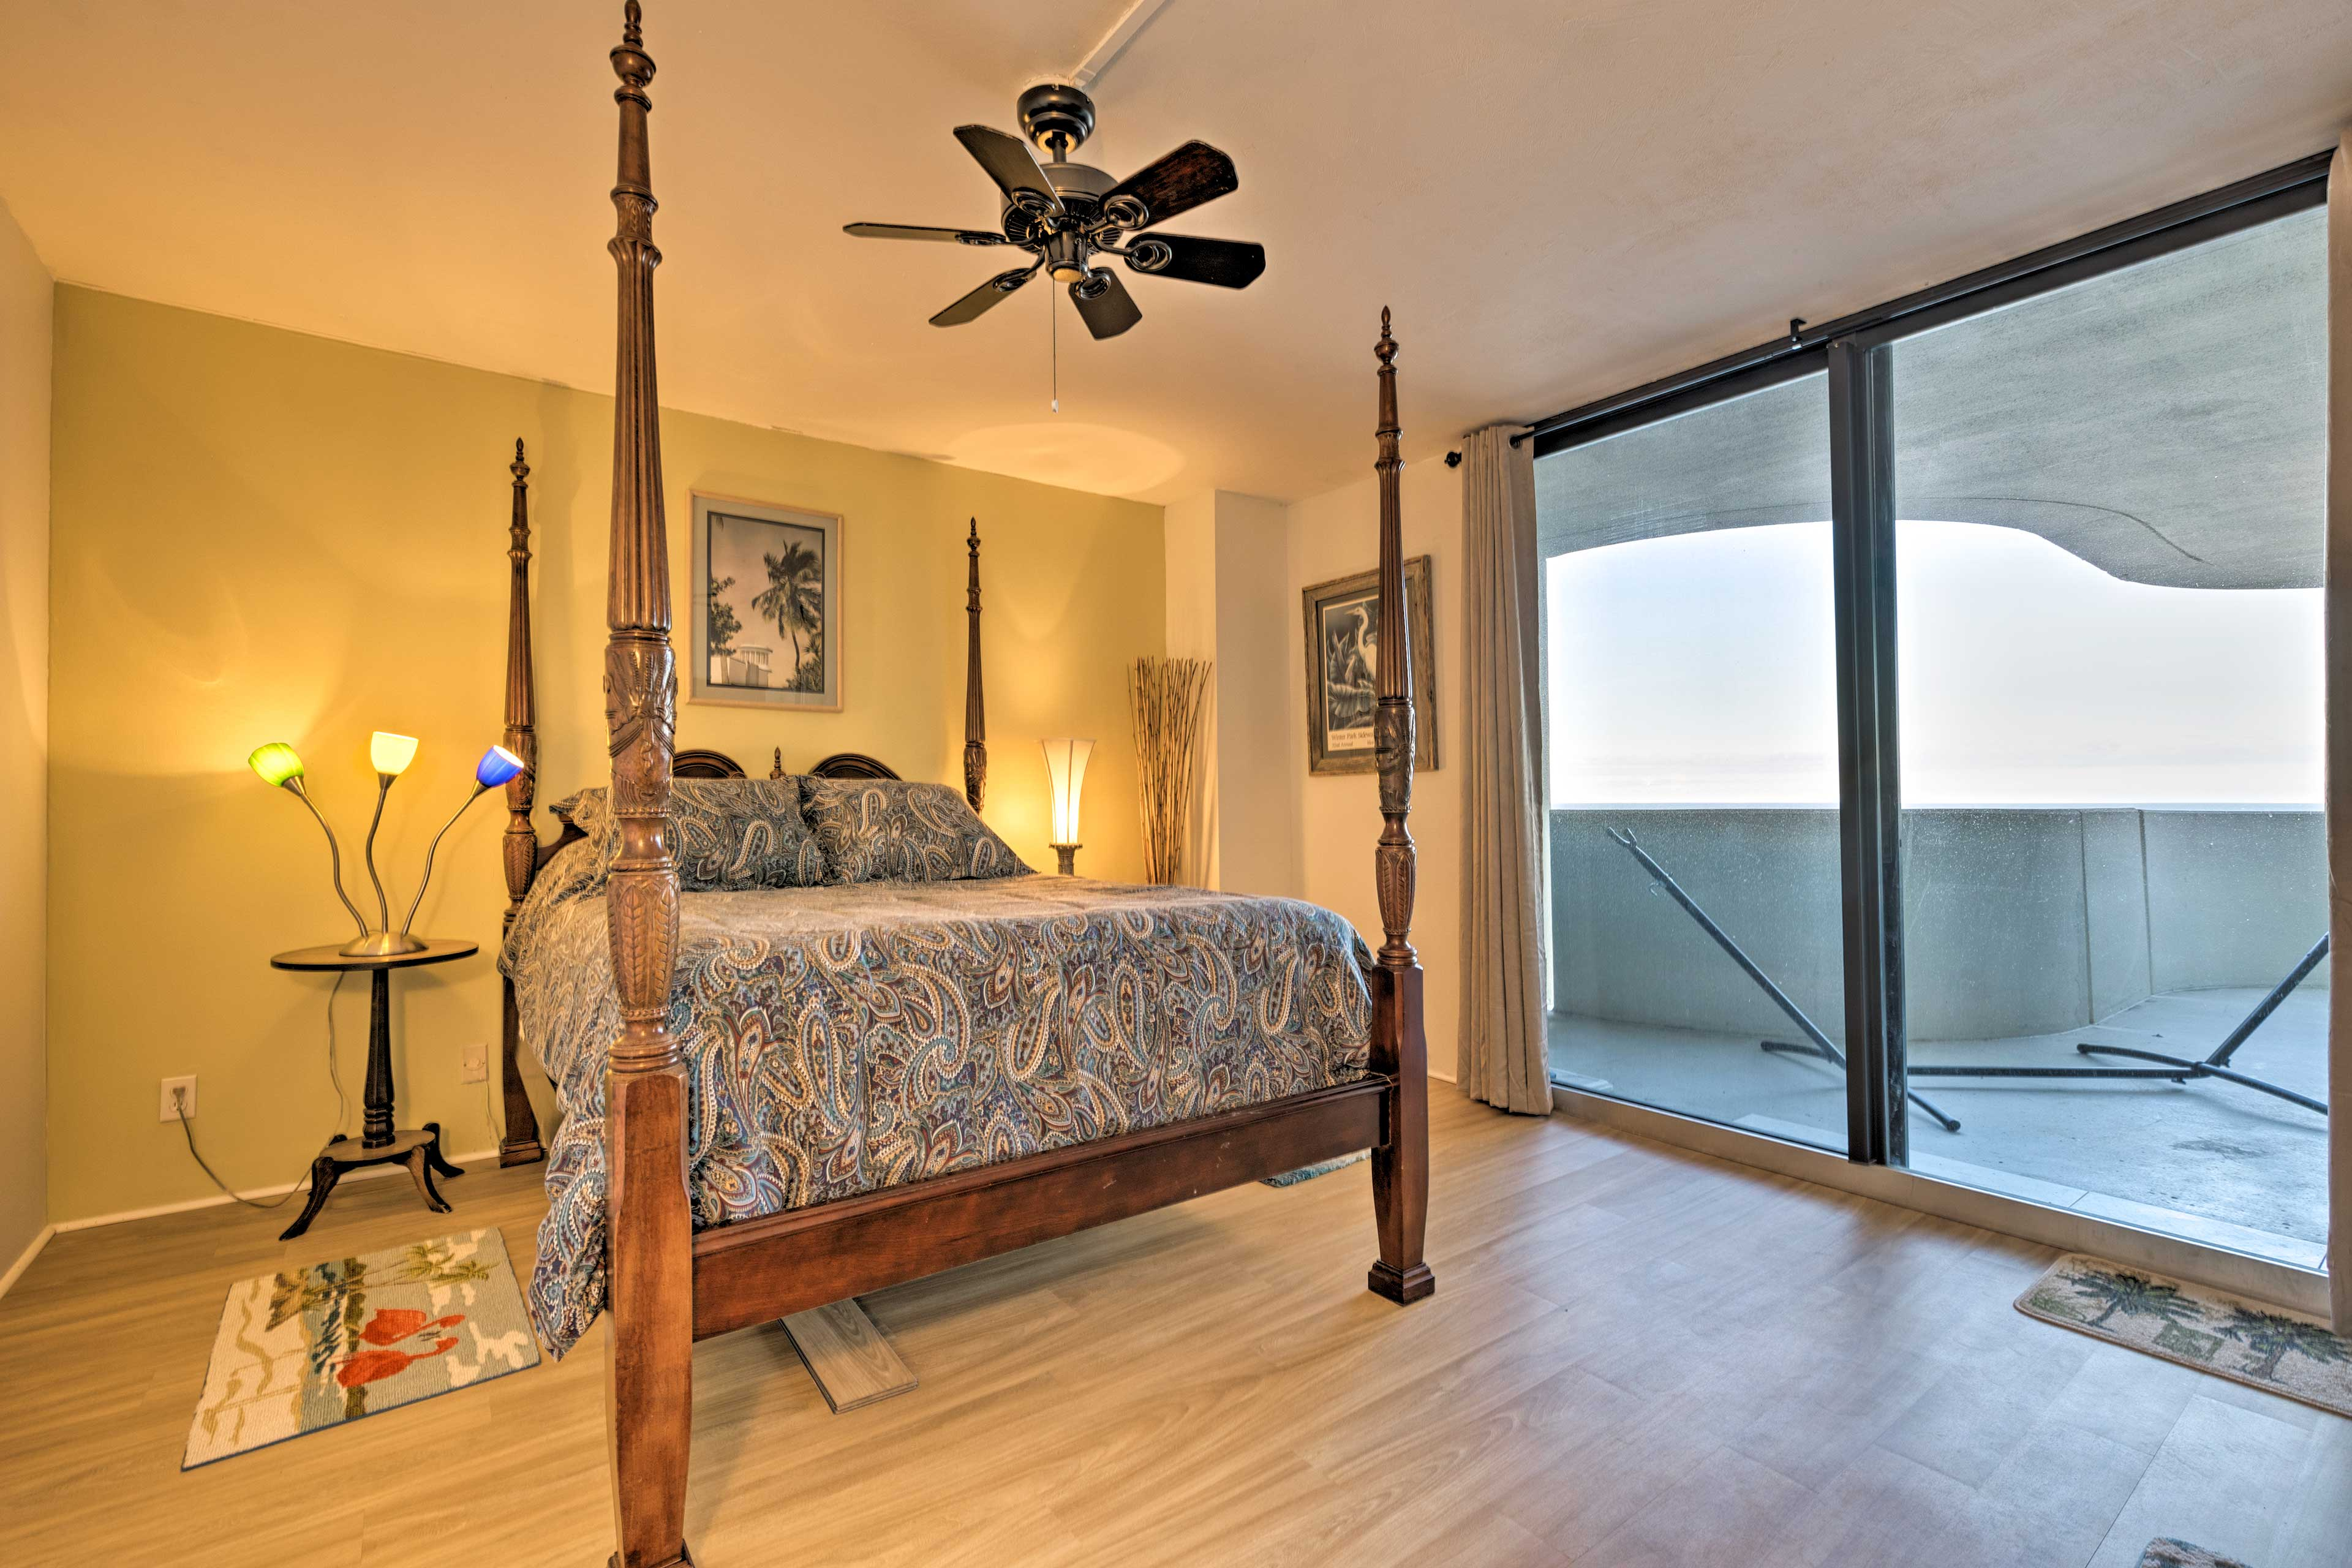 Two bedrooms boast comfortable queen beds.